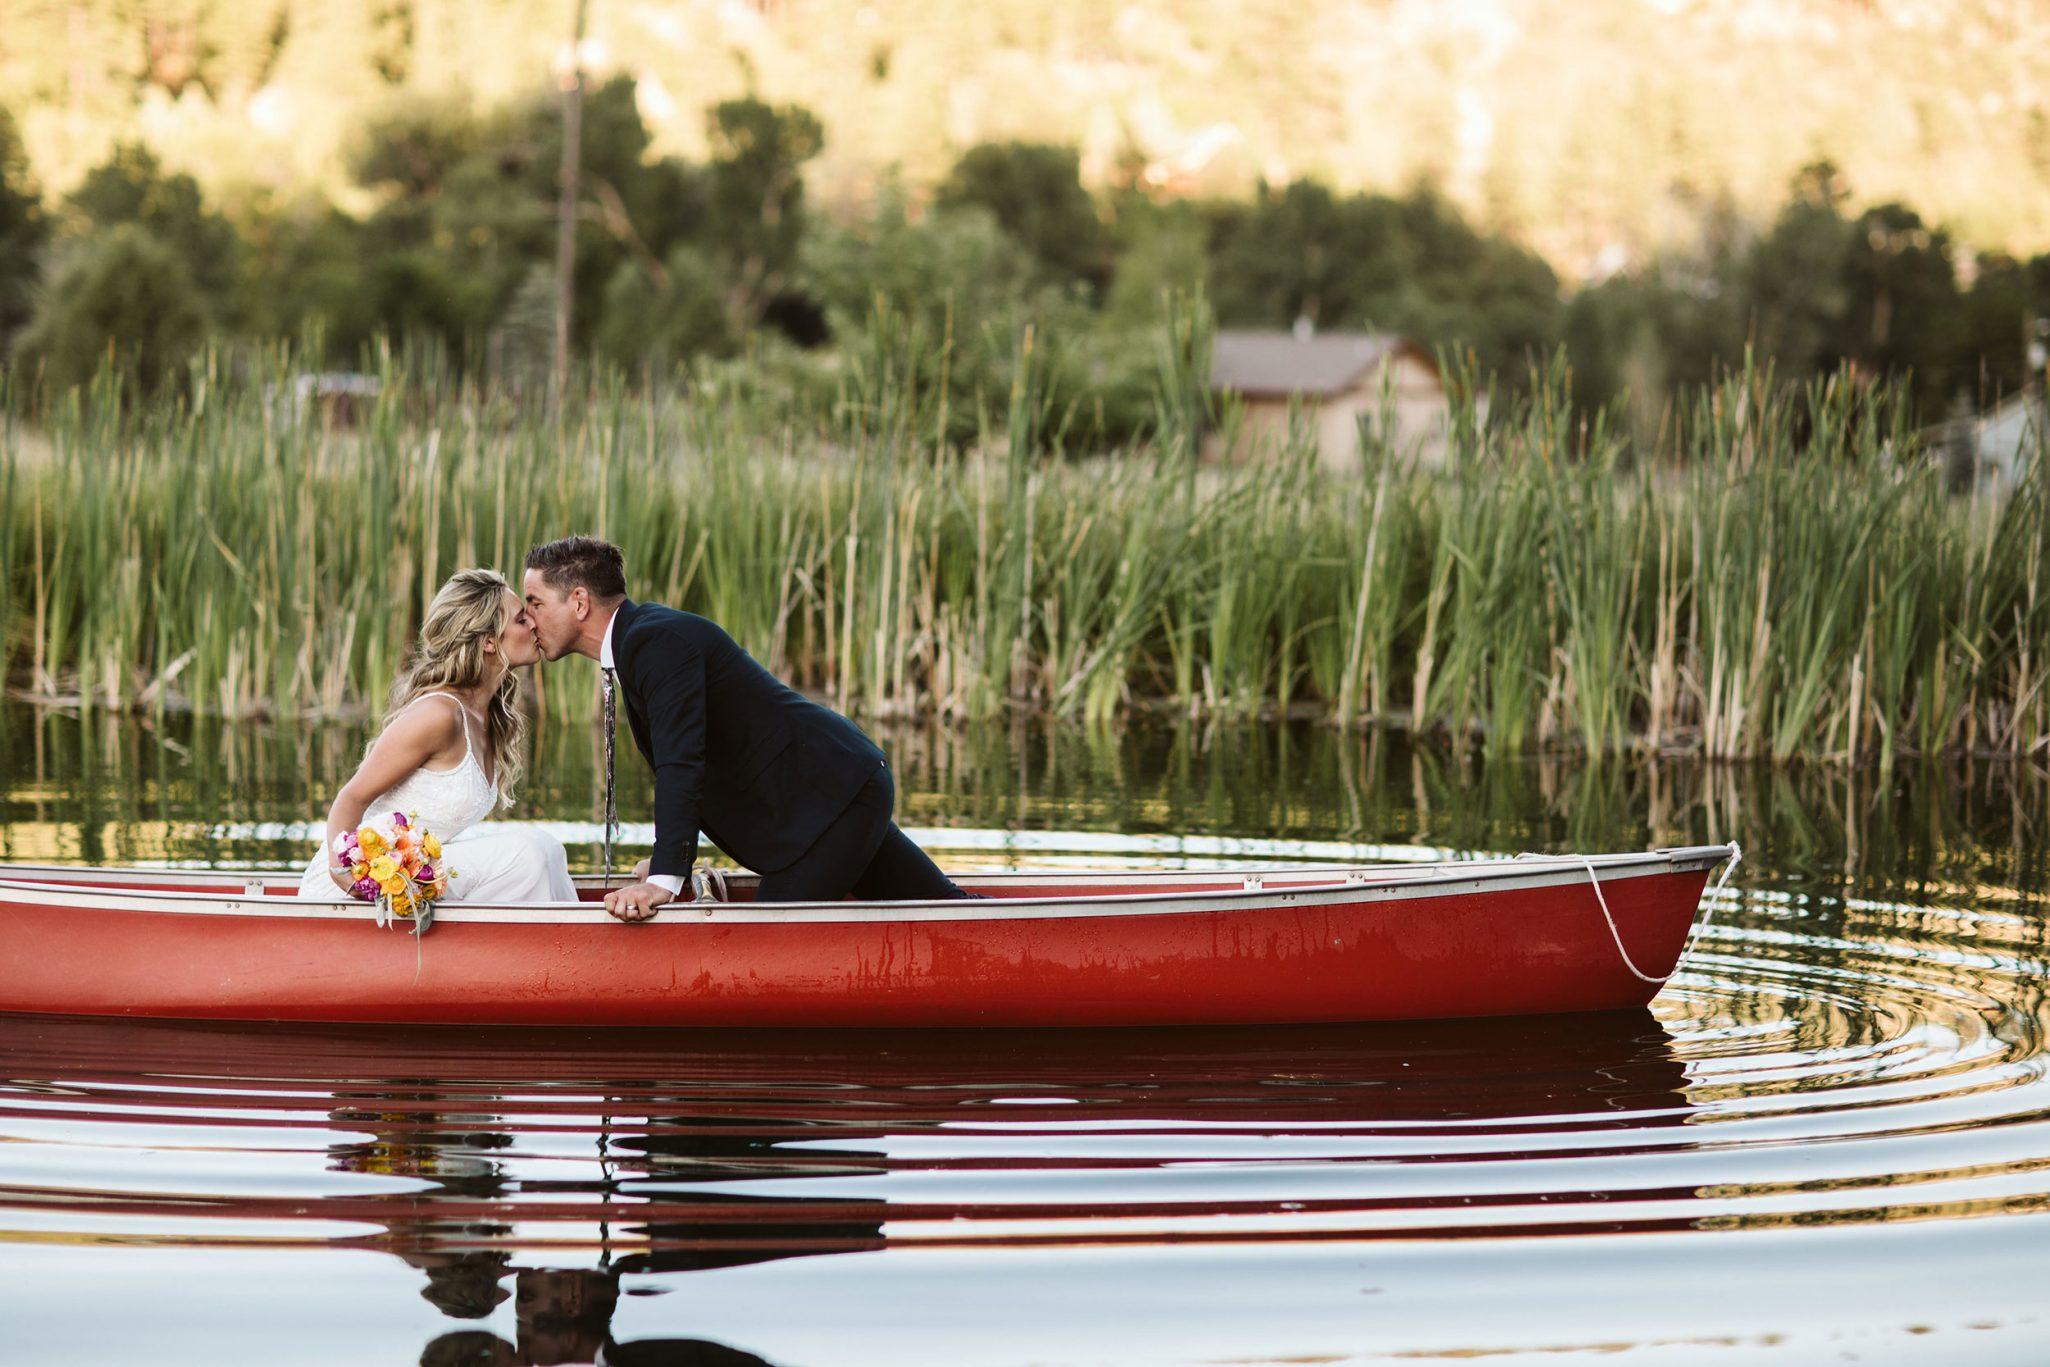 Bride & Groom in a red canoe, Durango Colorado